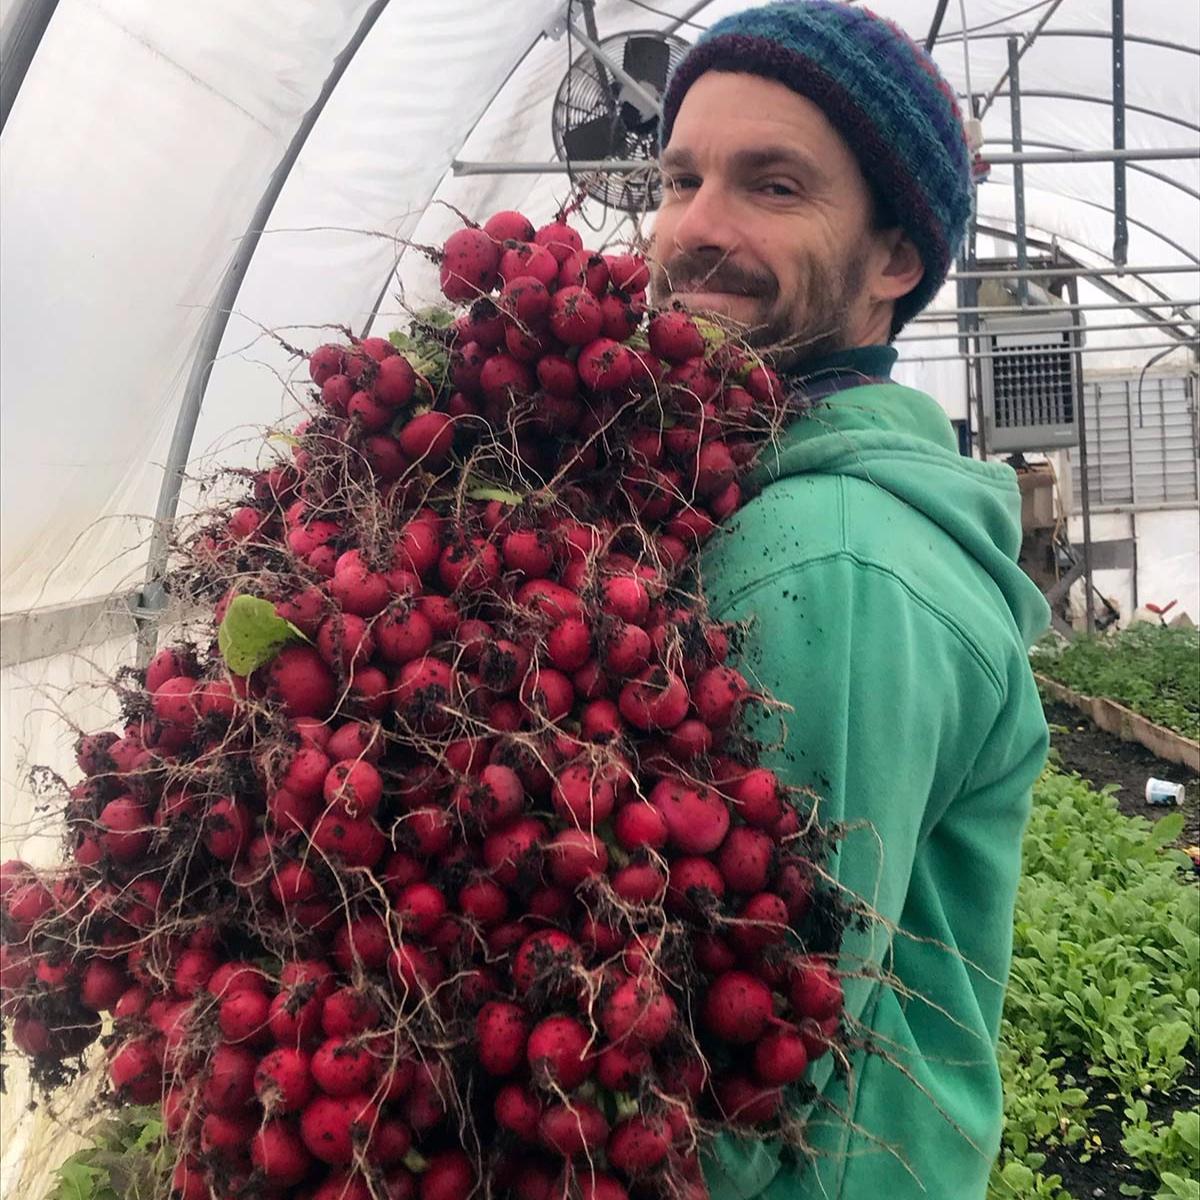 Chris-Brittenburg-farmer.jpg